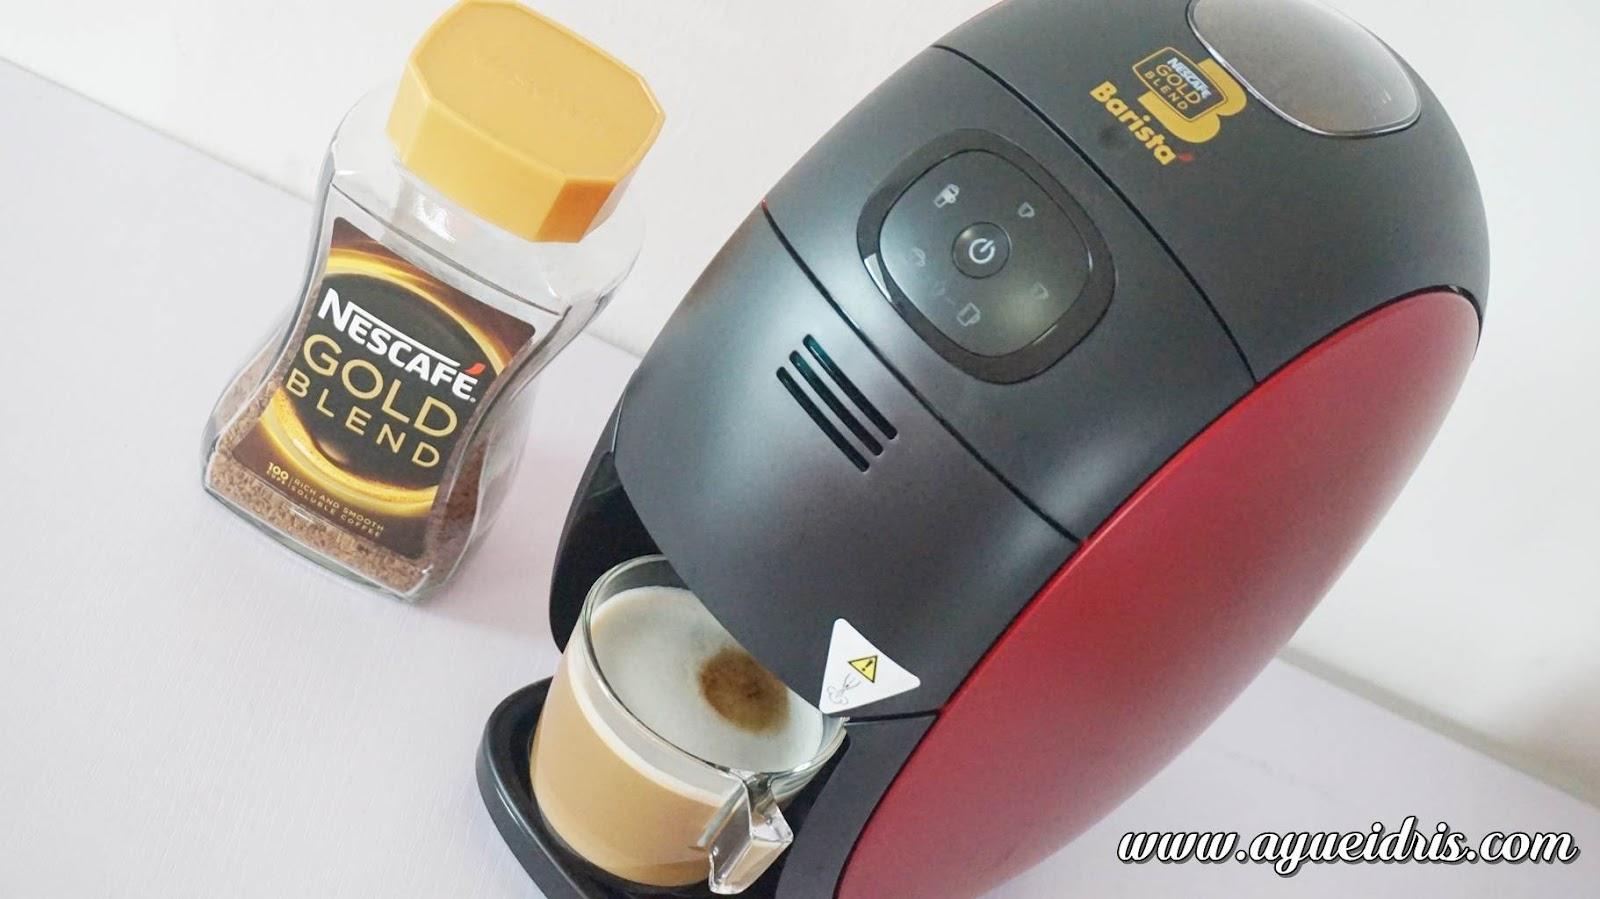 Nescafe Gold Barista Coffee Machine cara guna harga (40).JPG